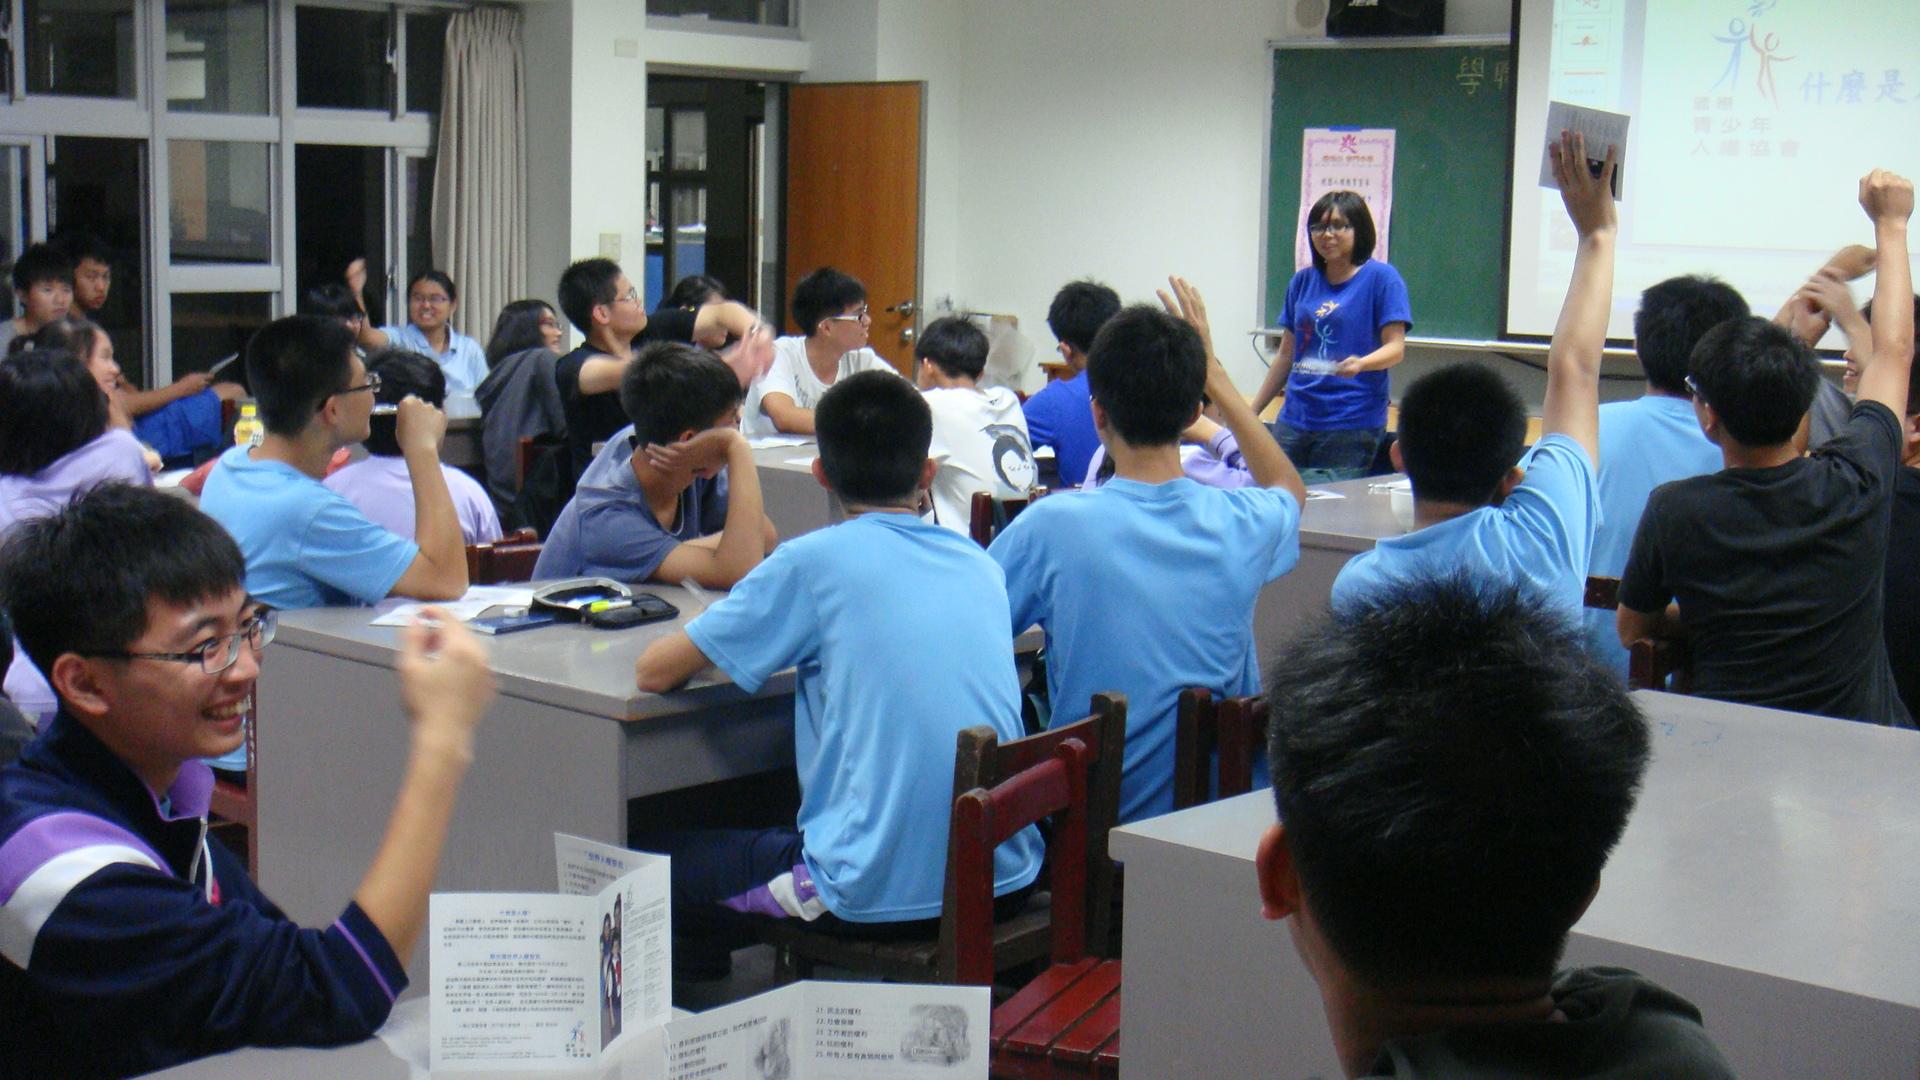 學生說不濫用人權,從遵守校規開始